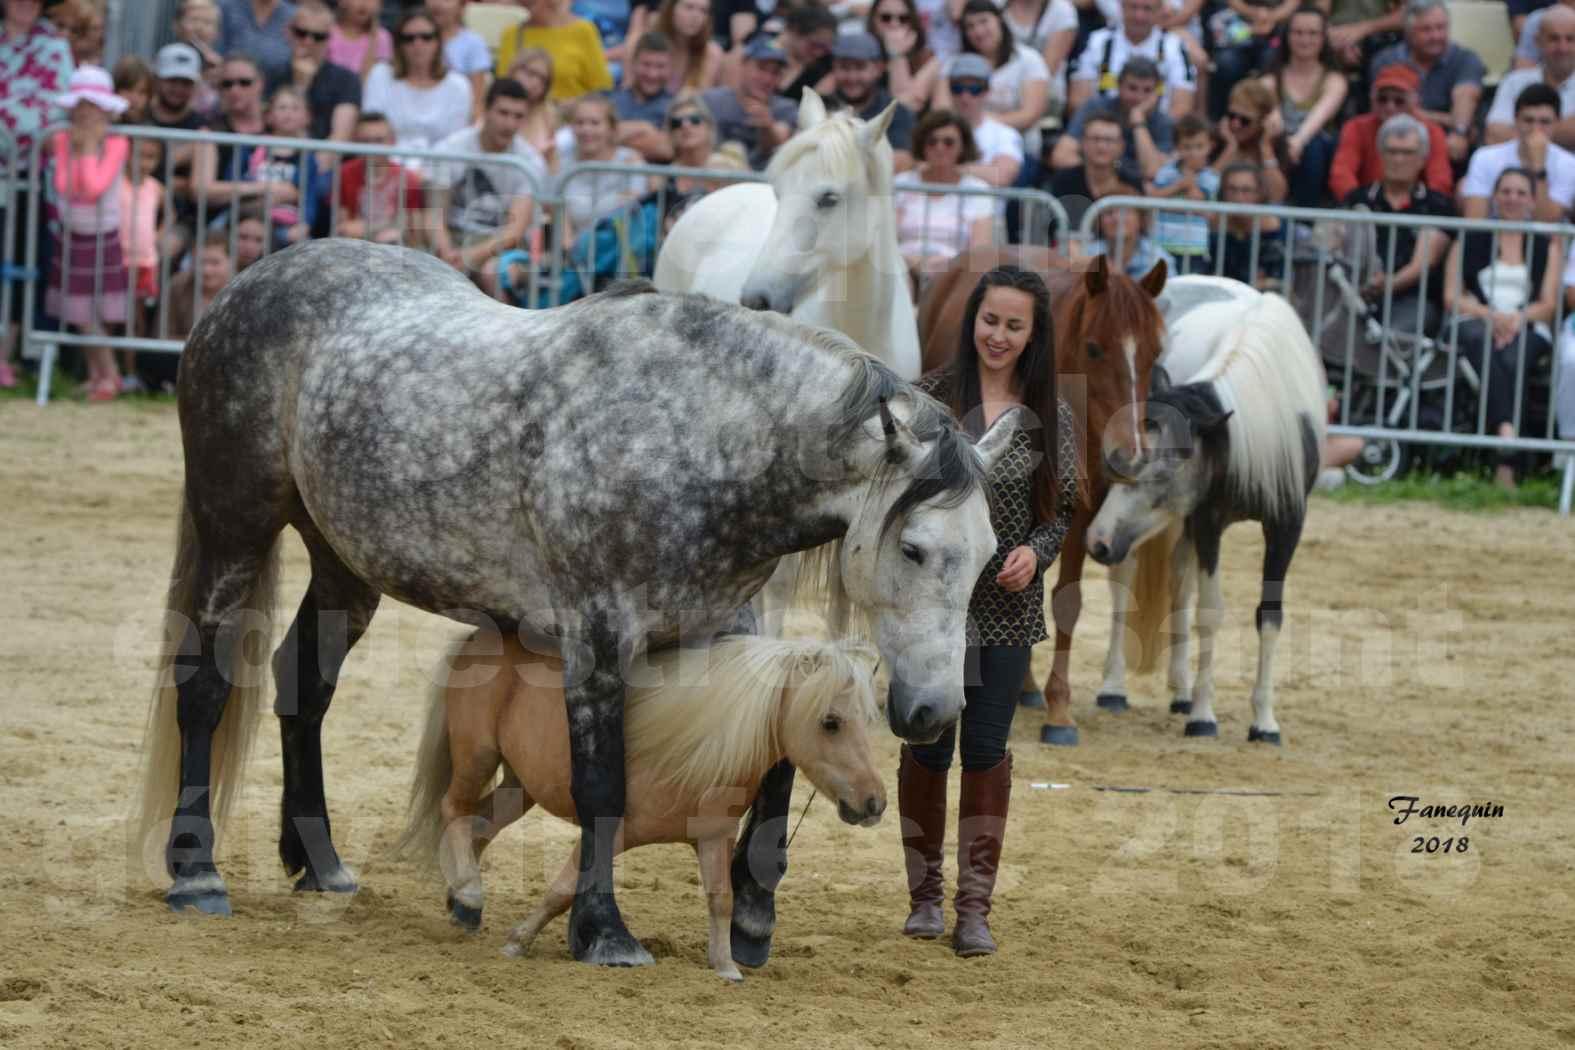 Spectacle Équestre le 3 juin 2018 à Saint Gély du Fesc - 5 chevaux en liberté - Anne Gaëlle BERTHO - 11